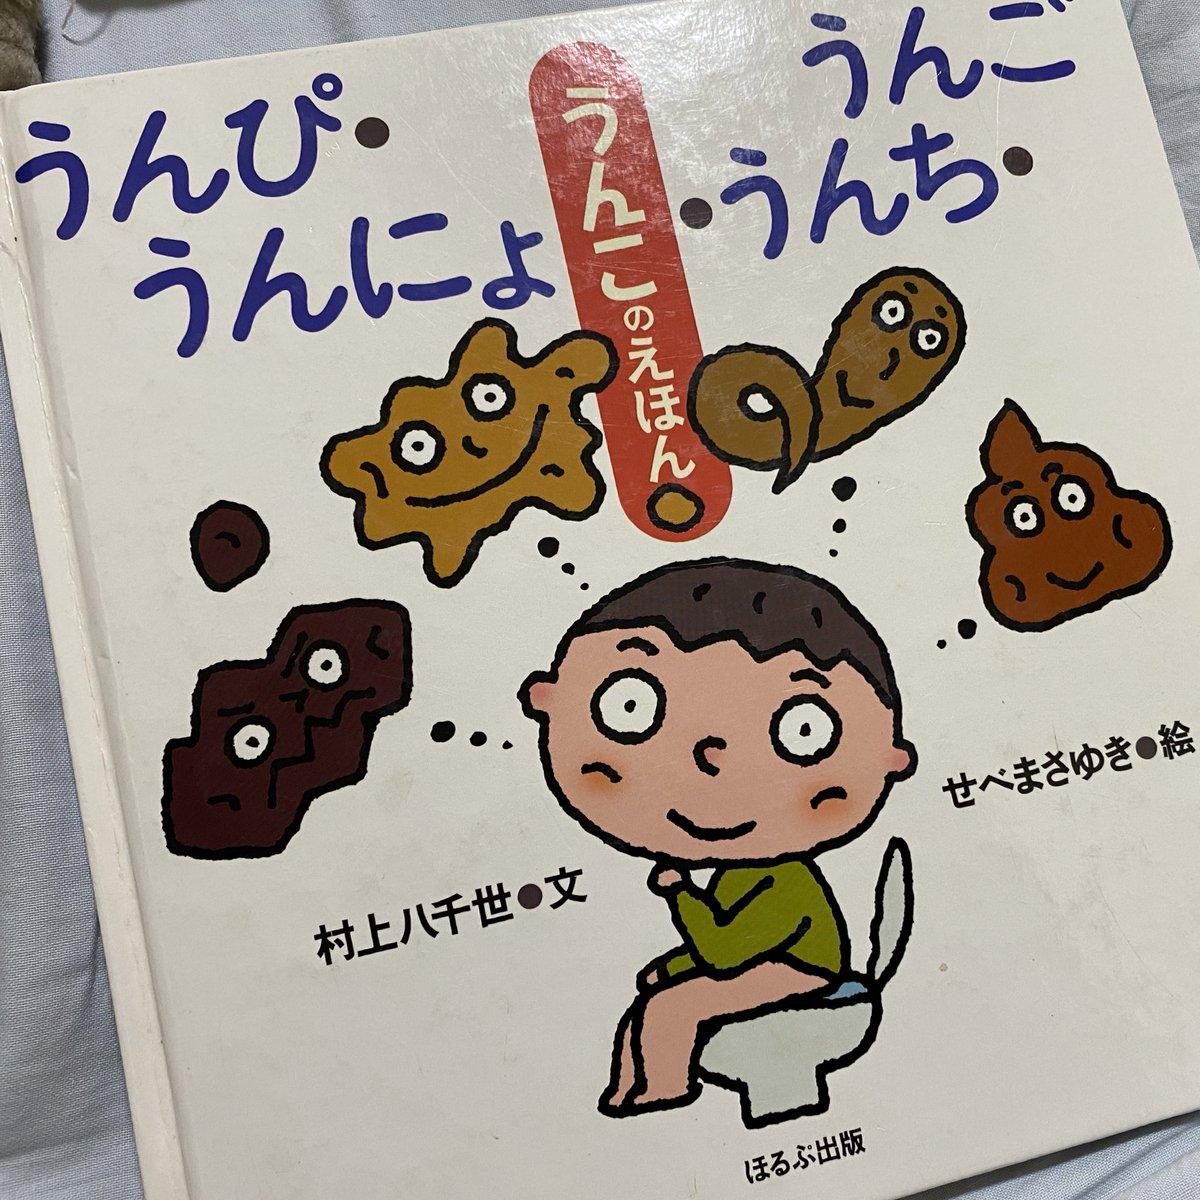 息子2の読み聴かせ💩  うんこは子供達のロマンですねw  #うんぴ  #うんにょ #うんち  #うんご...